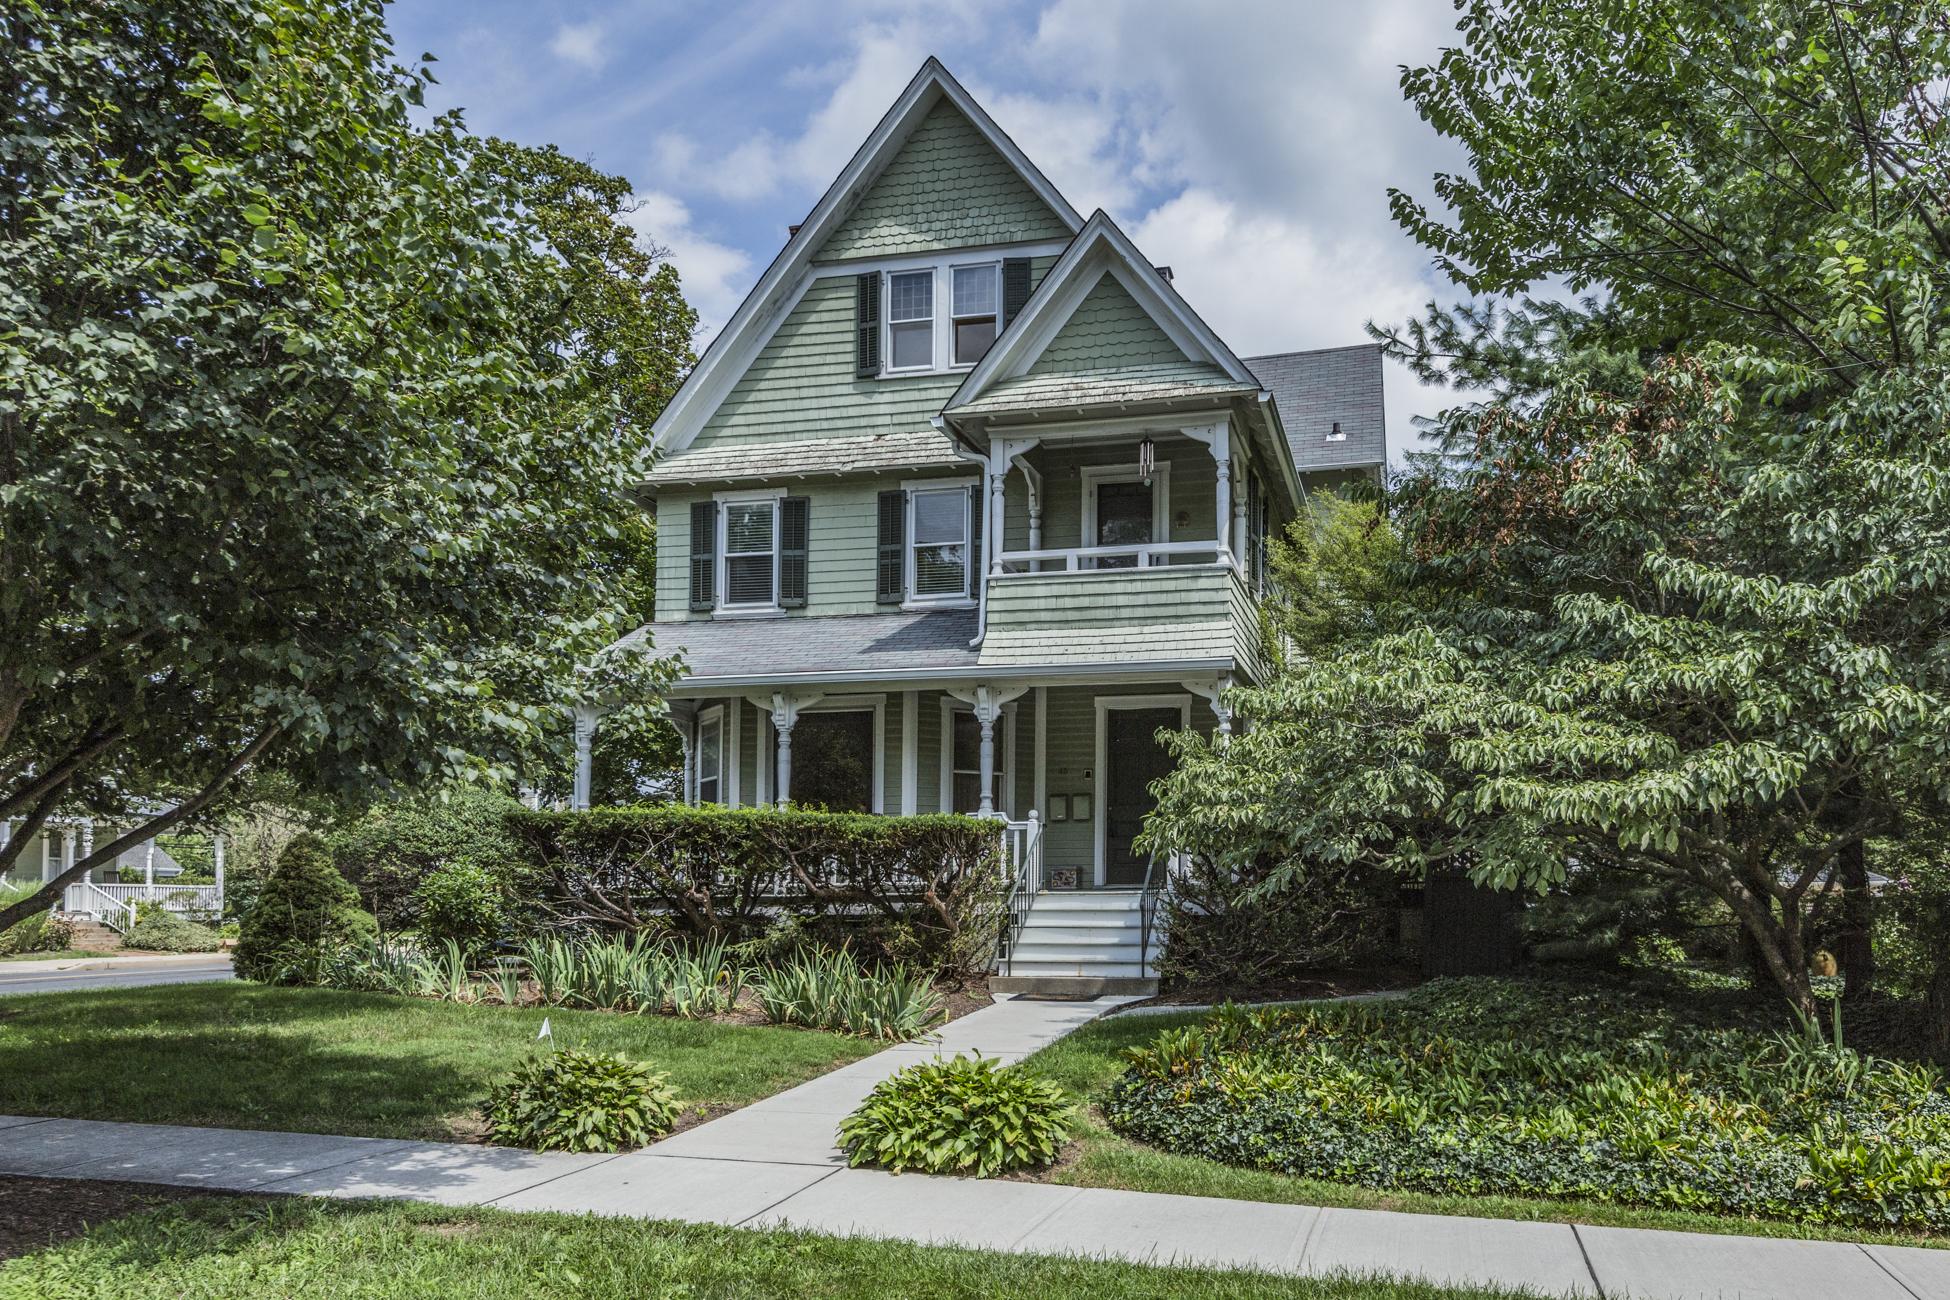 コンドミニアム のために 売買 アット Luxury Condo Offers the Best of Town and Gown 45 Vandeventer Avenue Unit 3 Princeton, ニュージャージー, 08542 アメリカ合衆国